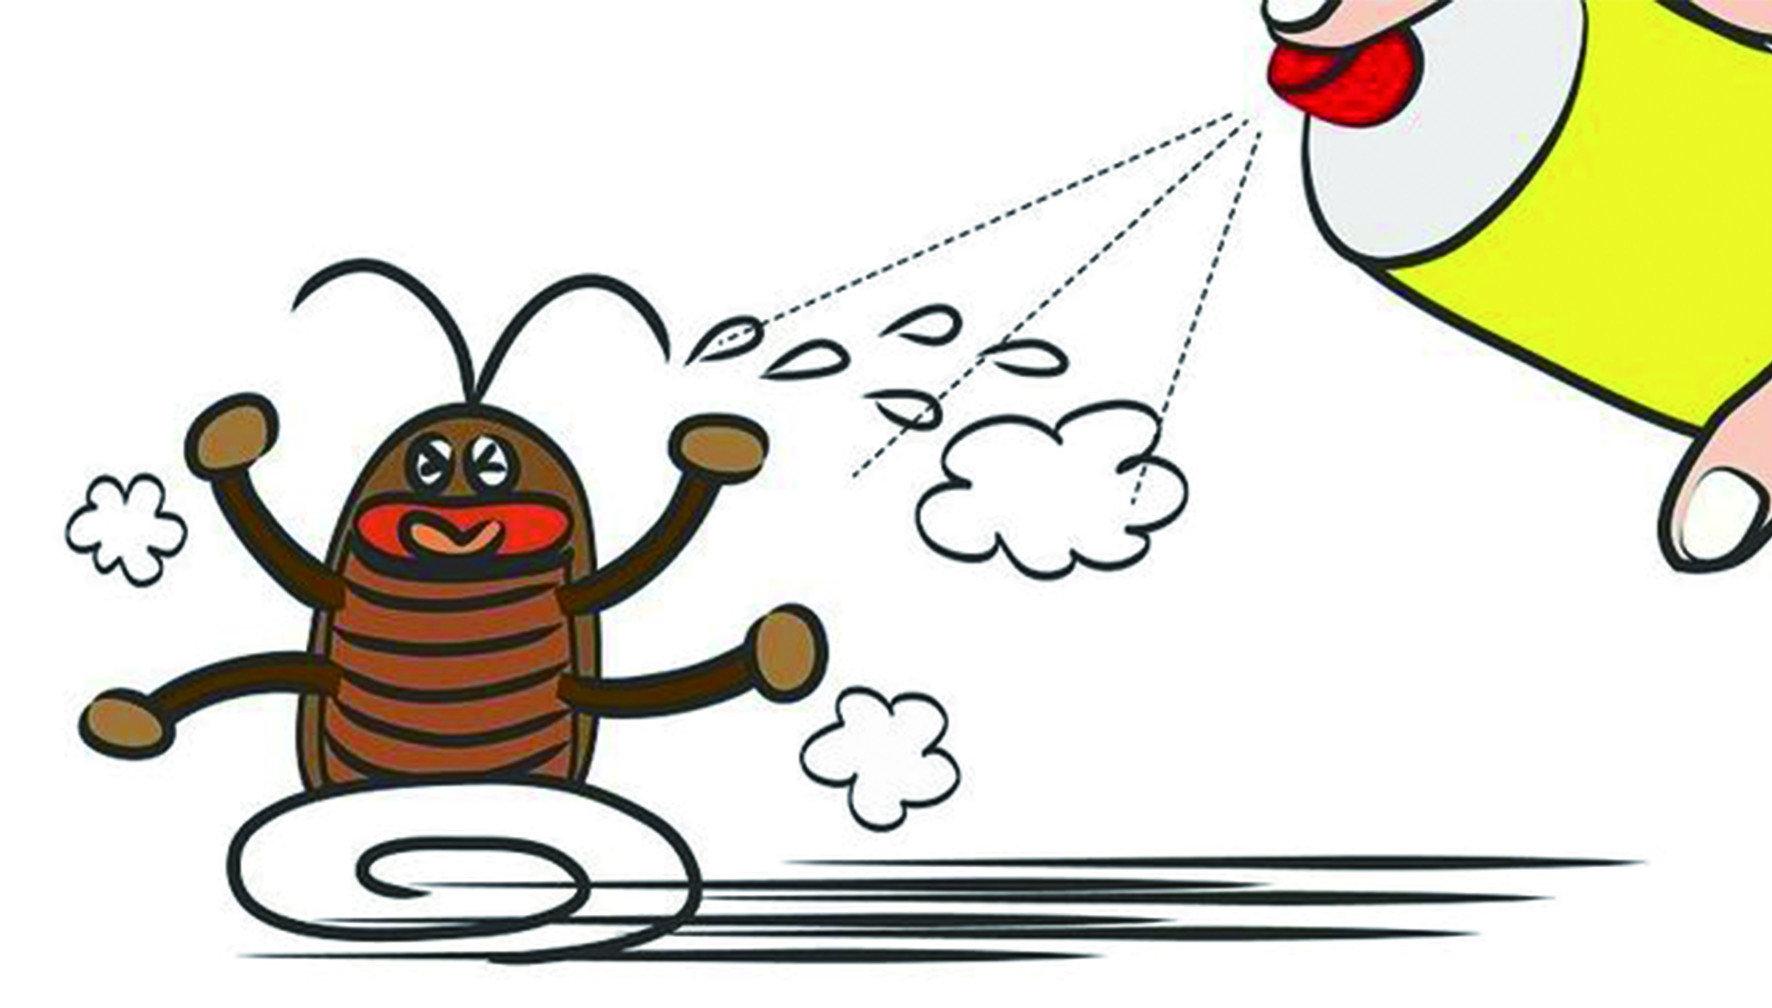 且多數傳統的人造合成殺蟲劑,不僅因為危害環境、威脅魚類、鳥類生存,同時也對人類具有長久的「致癌性」和「基因毒性」,因而遭到禁用。不僅如此,蟑螂面對殺蟲劑時,還會迅速產生「抗藥性」,使得普通殺蟲劑這招法寶,完全不適用在蟑螂身上。